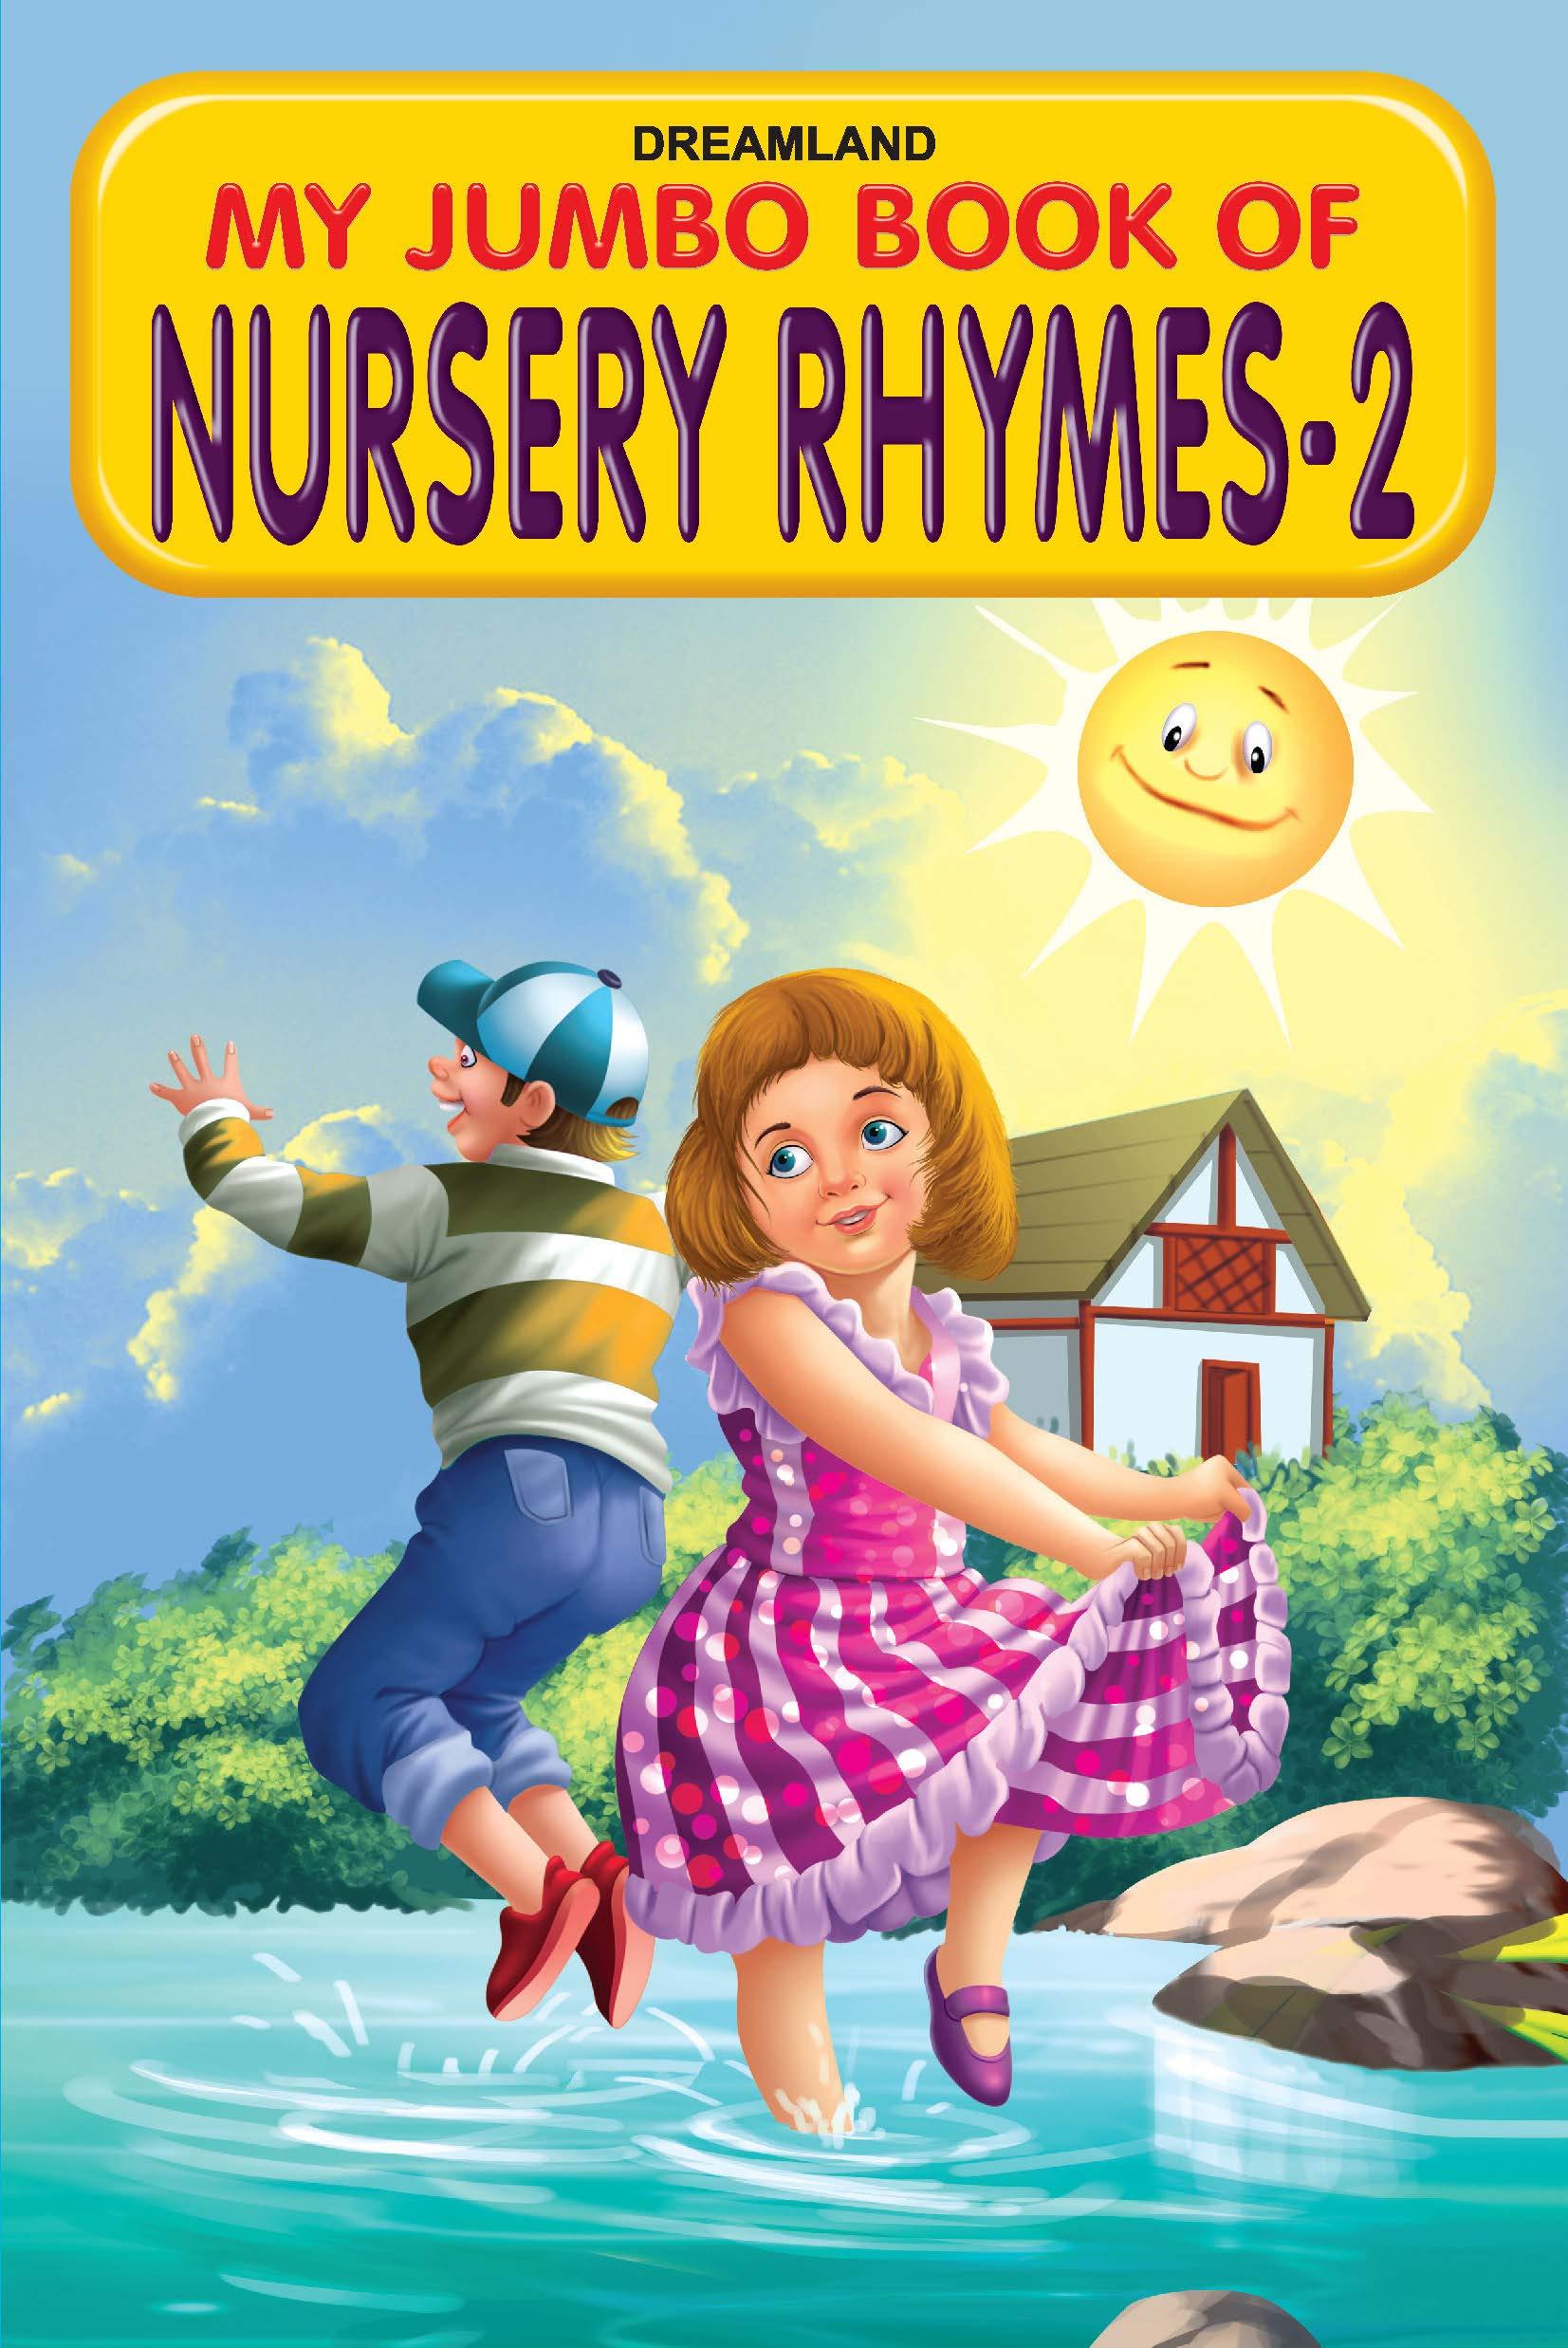 My Jumbo Book of Nursery Rhymes - 2